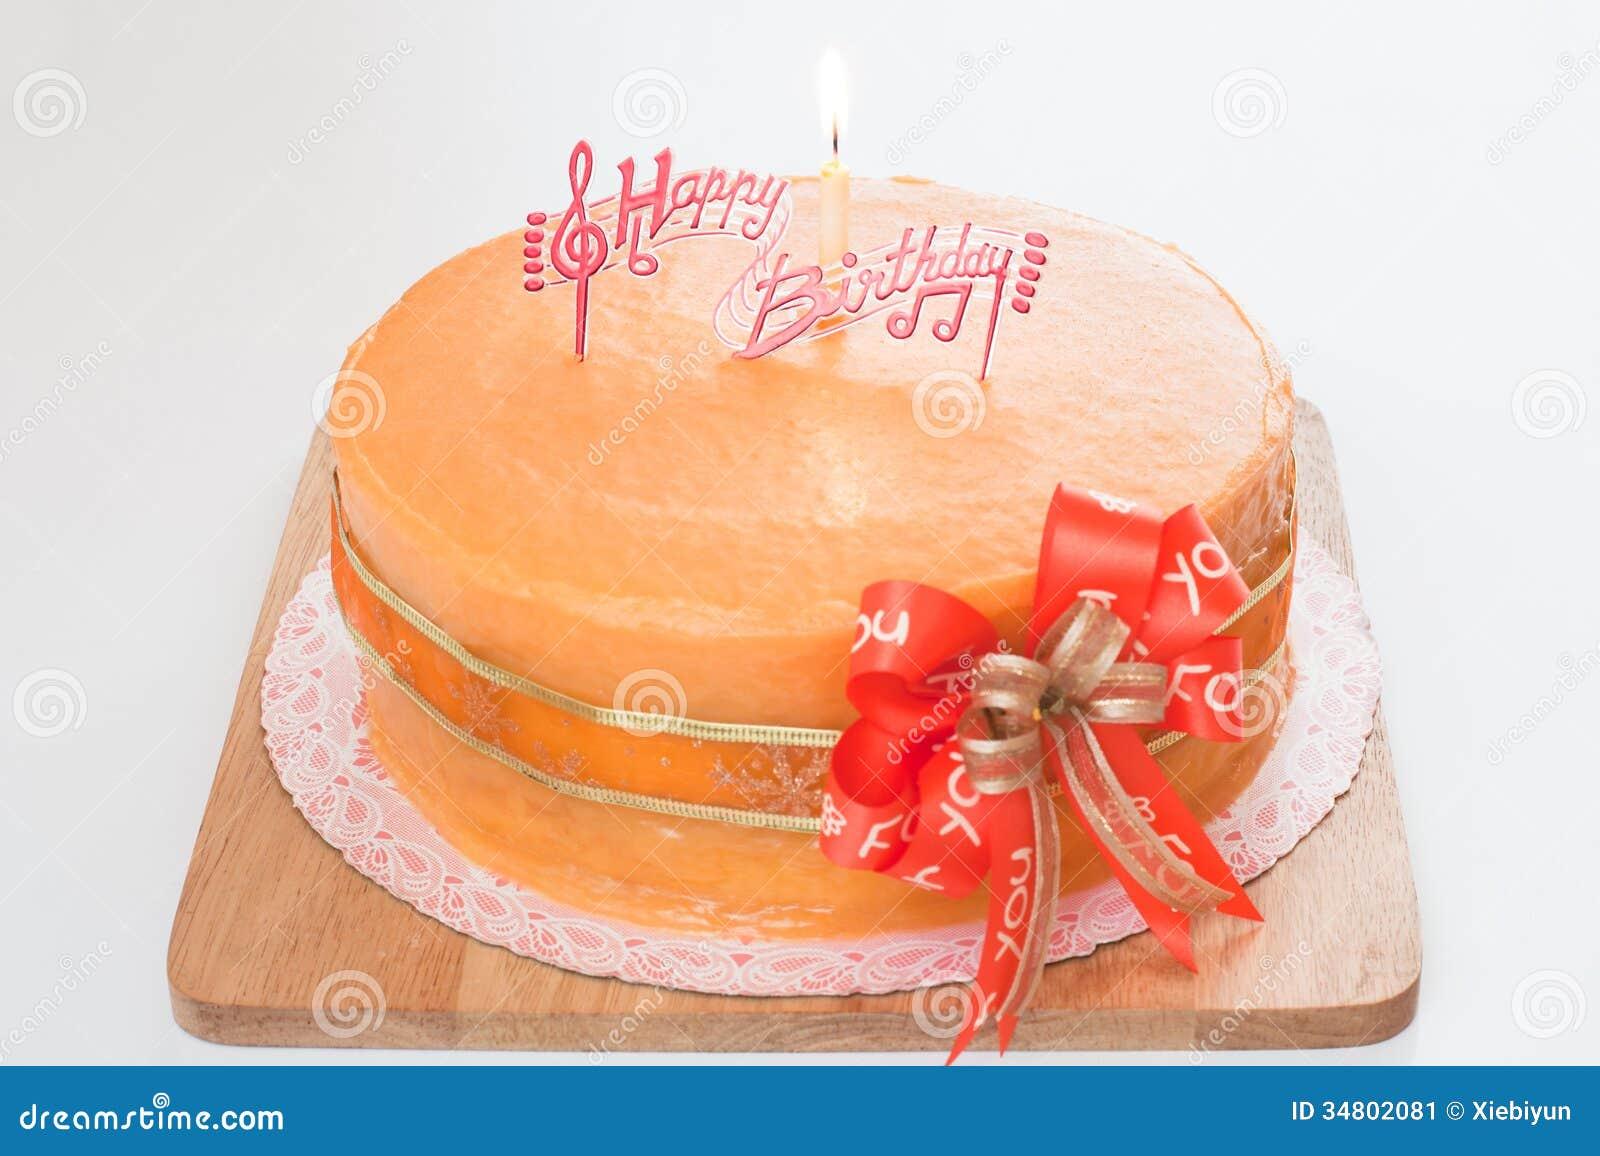 Birthday Orange Cake Stock Image Image 34802081